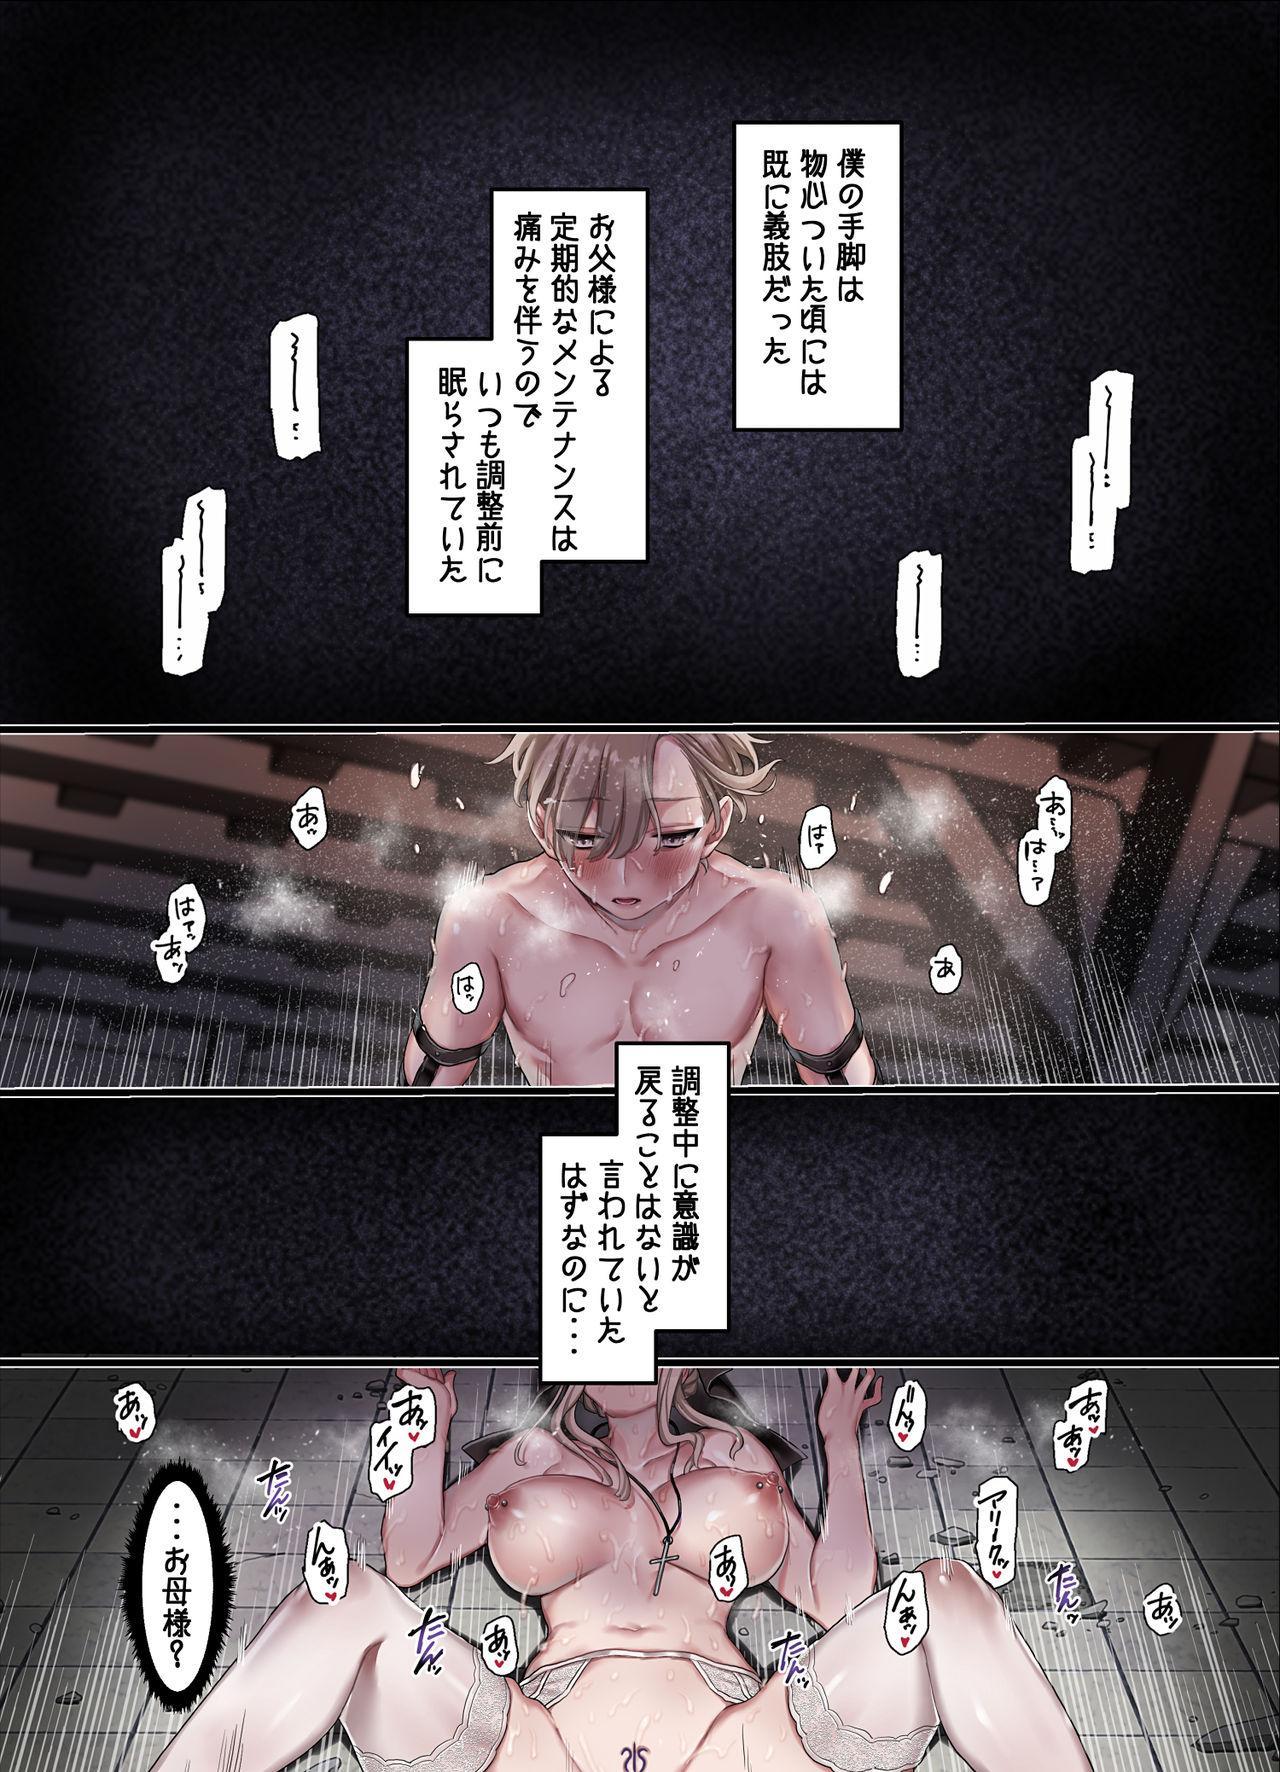 L Kyoukai to Itansha Ikka 44